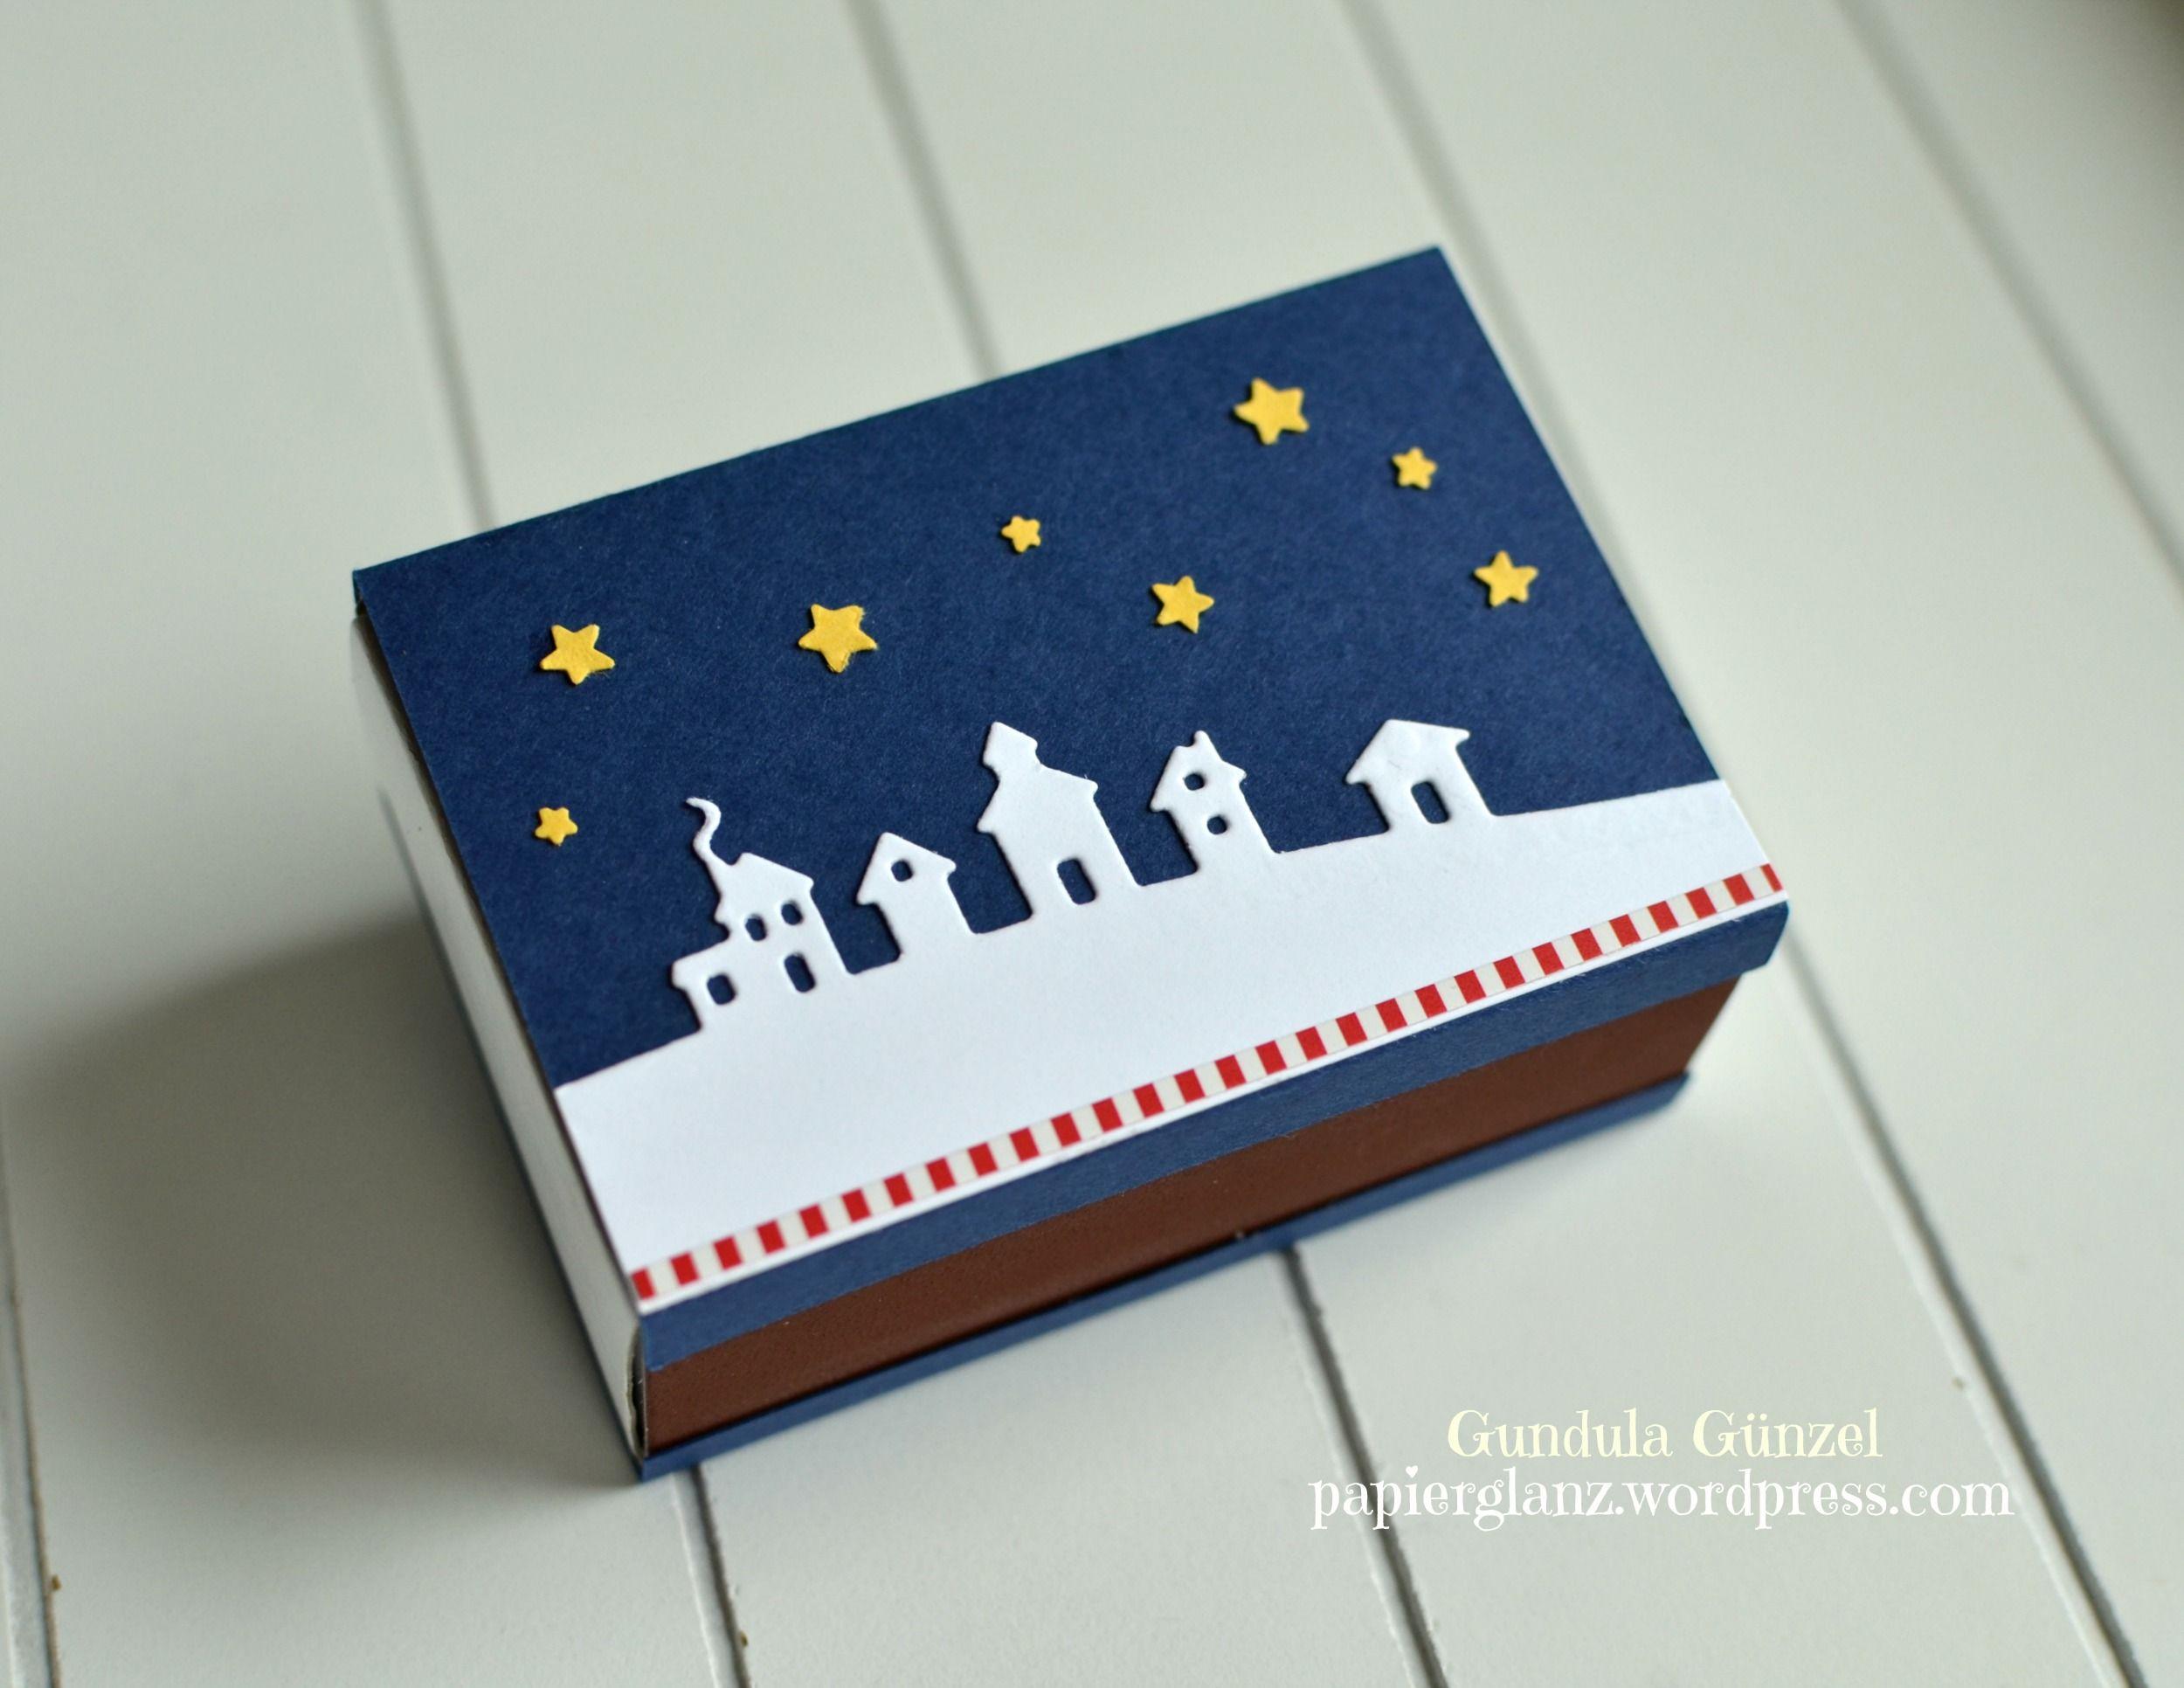 weihnachtliche anleitungen geschenke und verpackungen pinterest weihnachten basteln. Black Bedroom Furniture Sets. Home Design Ideas